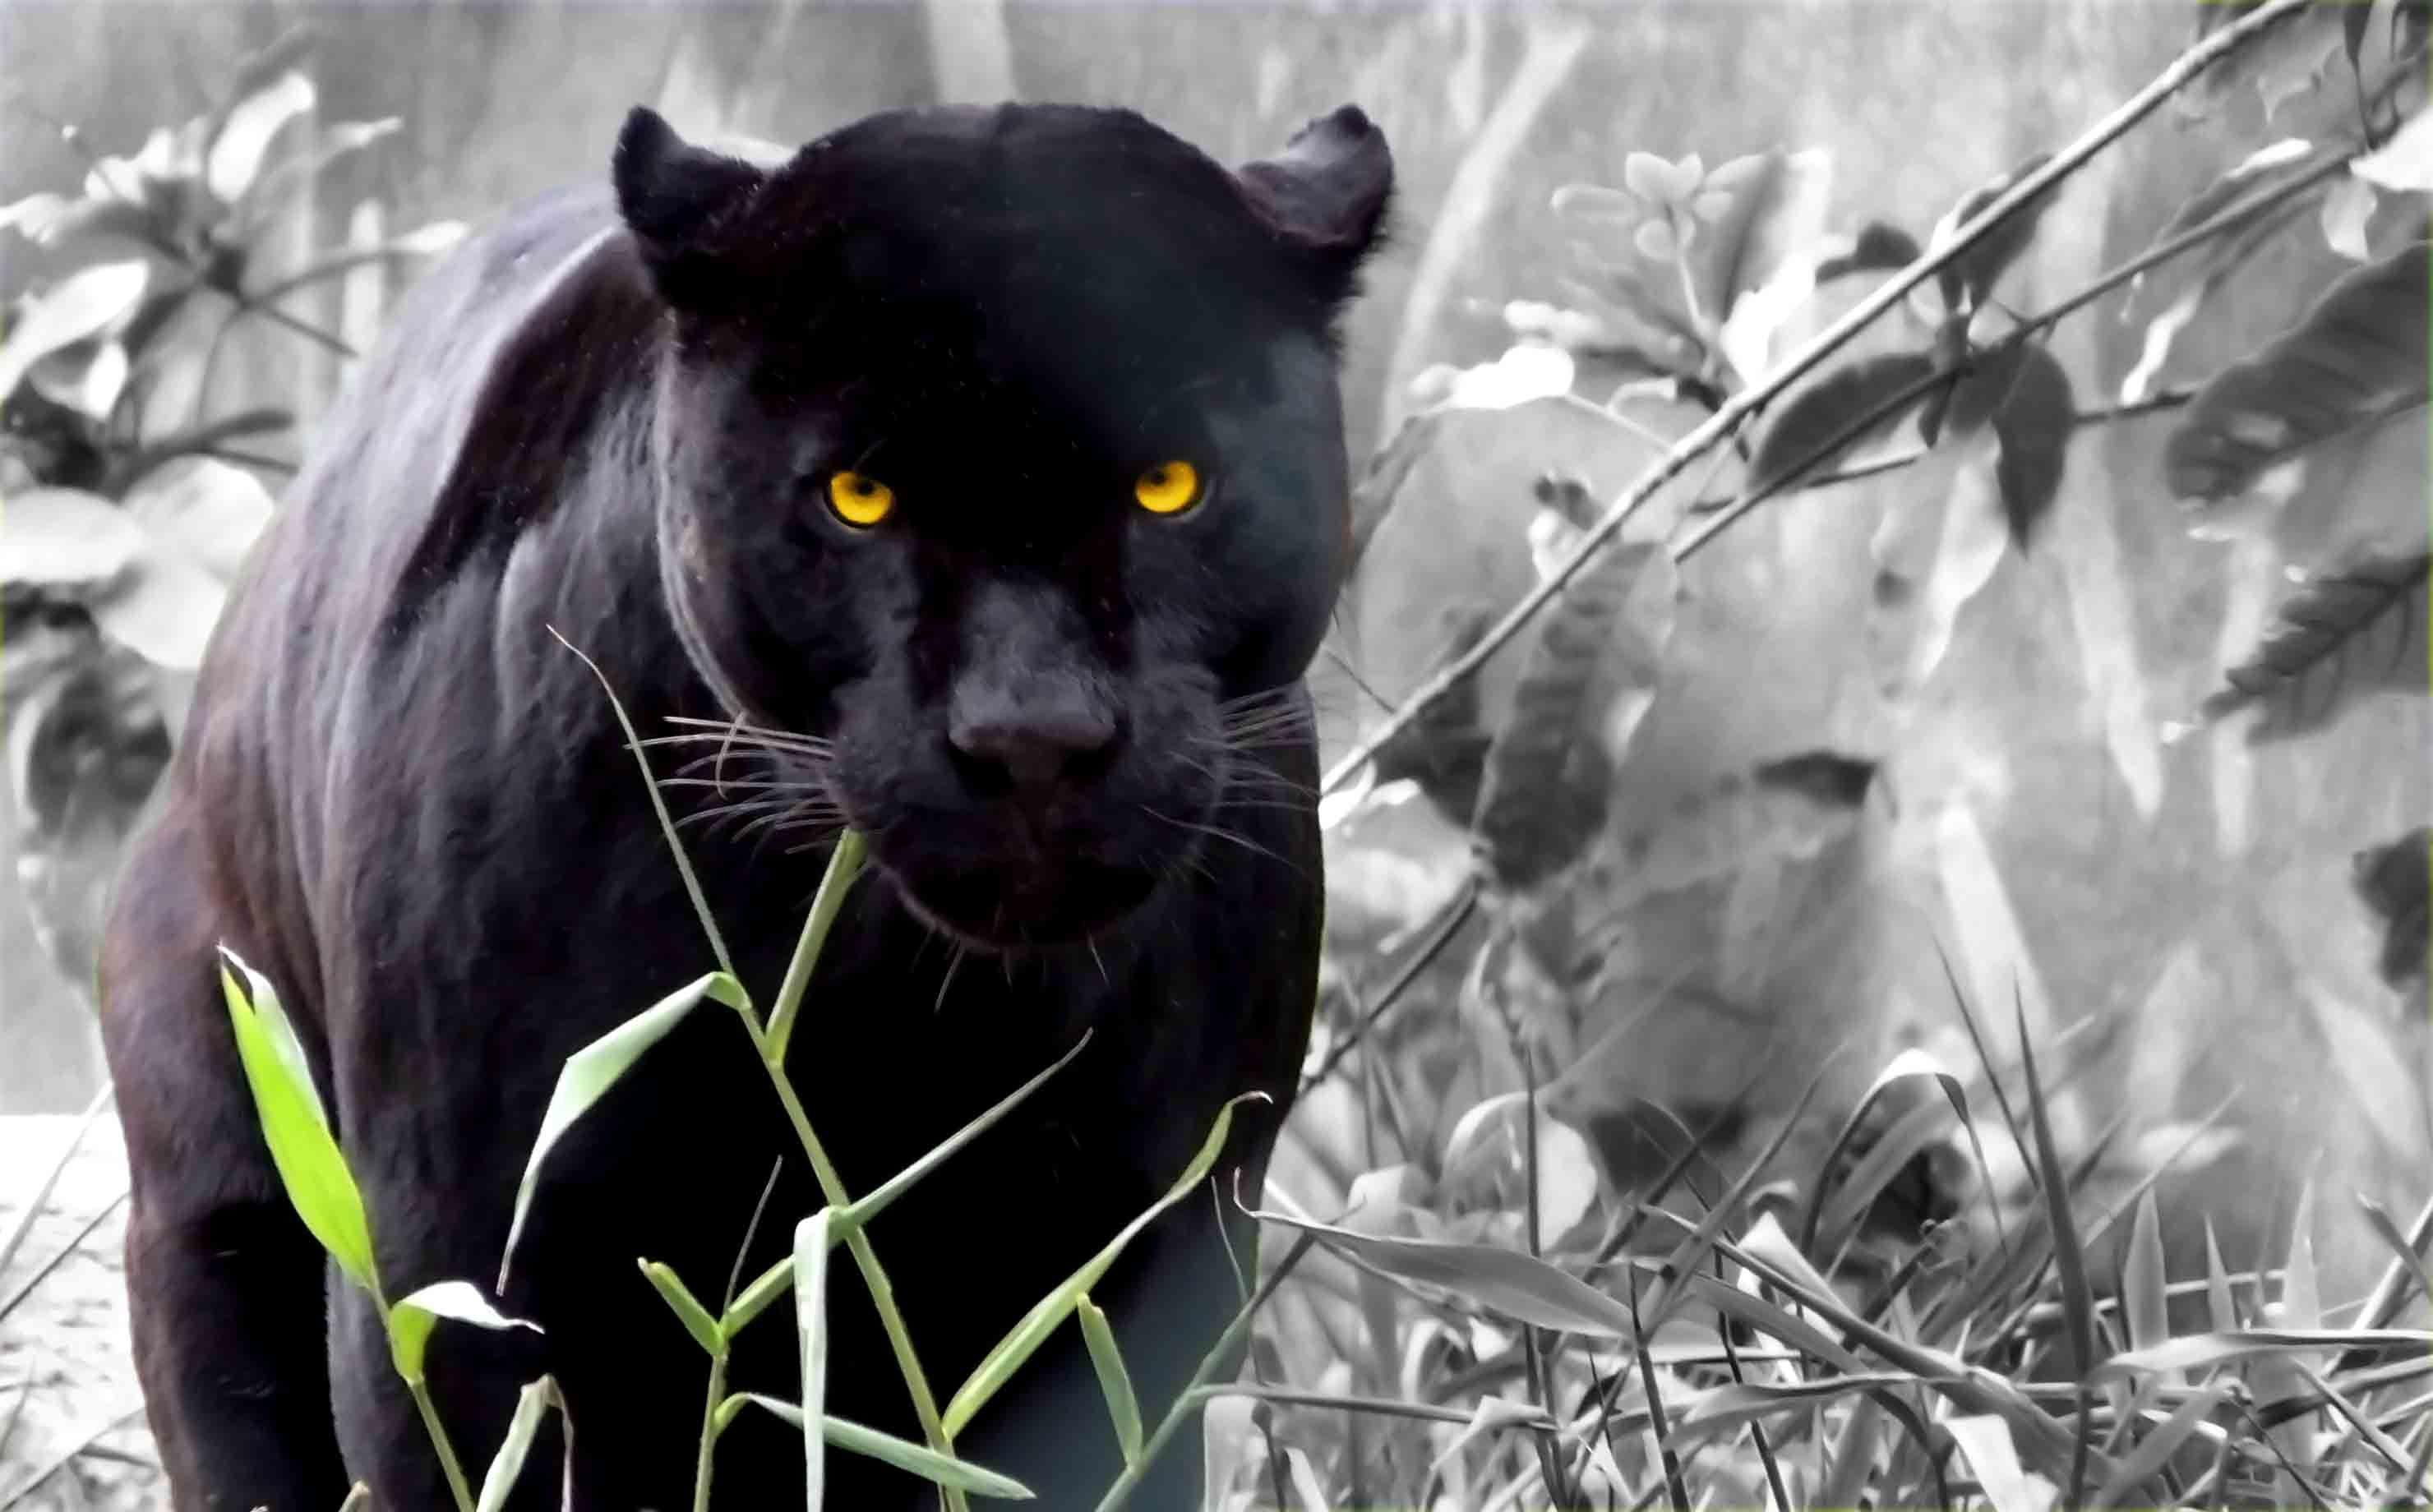 12015 Hintergrundbild herunterladen Tiere, Fotokunst, Panthers - Bildschirmschoner und Bilder kostenlos